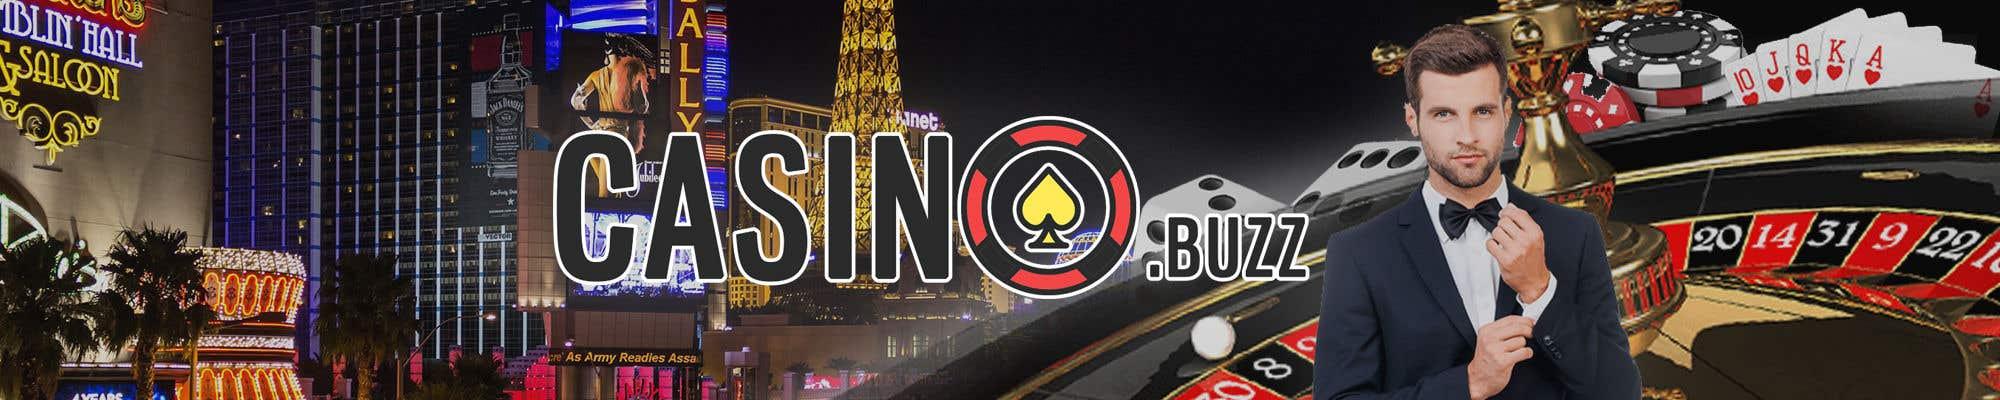 online casino canada review clubofpassion.com